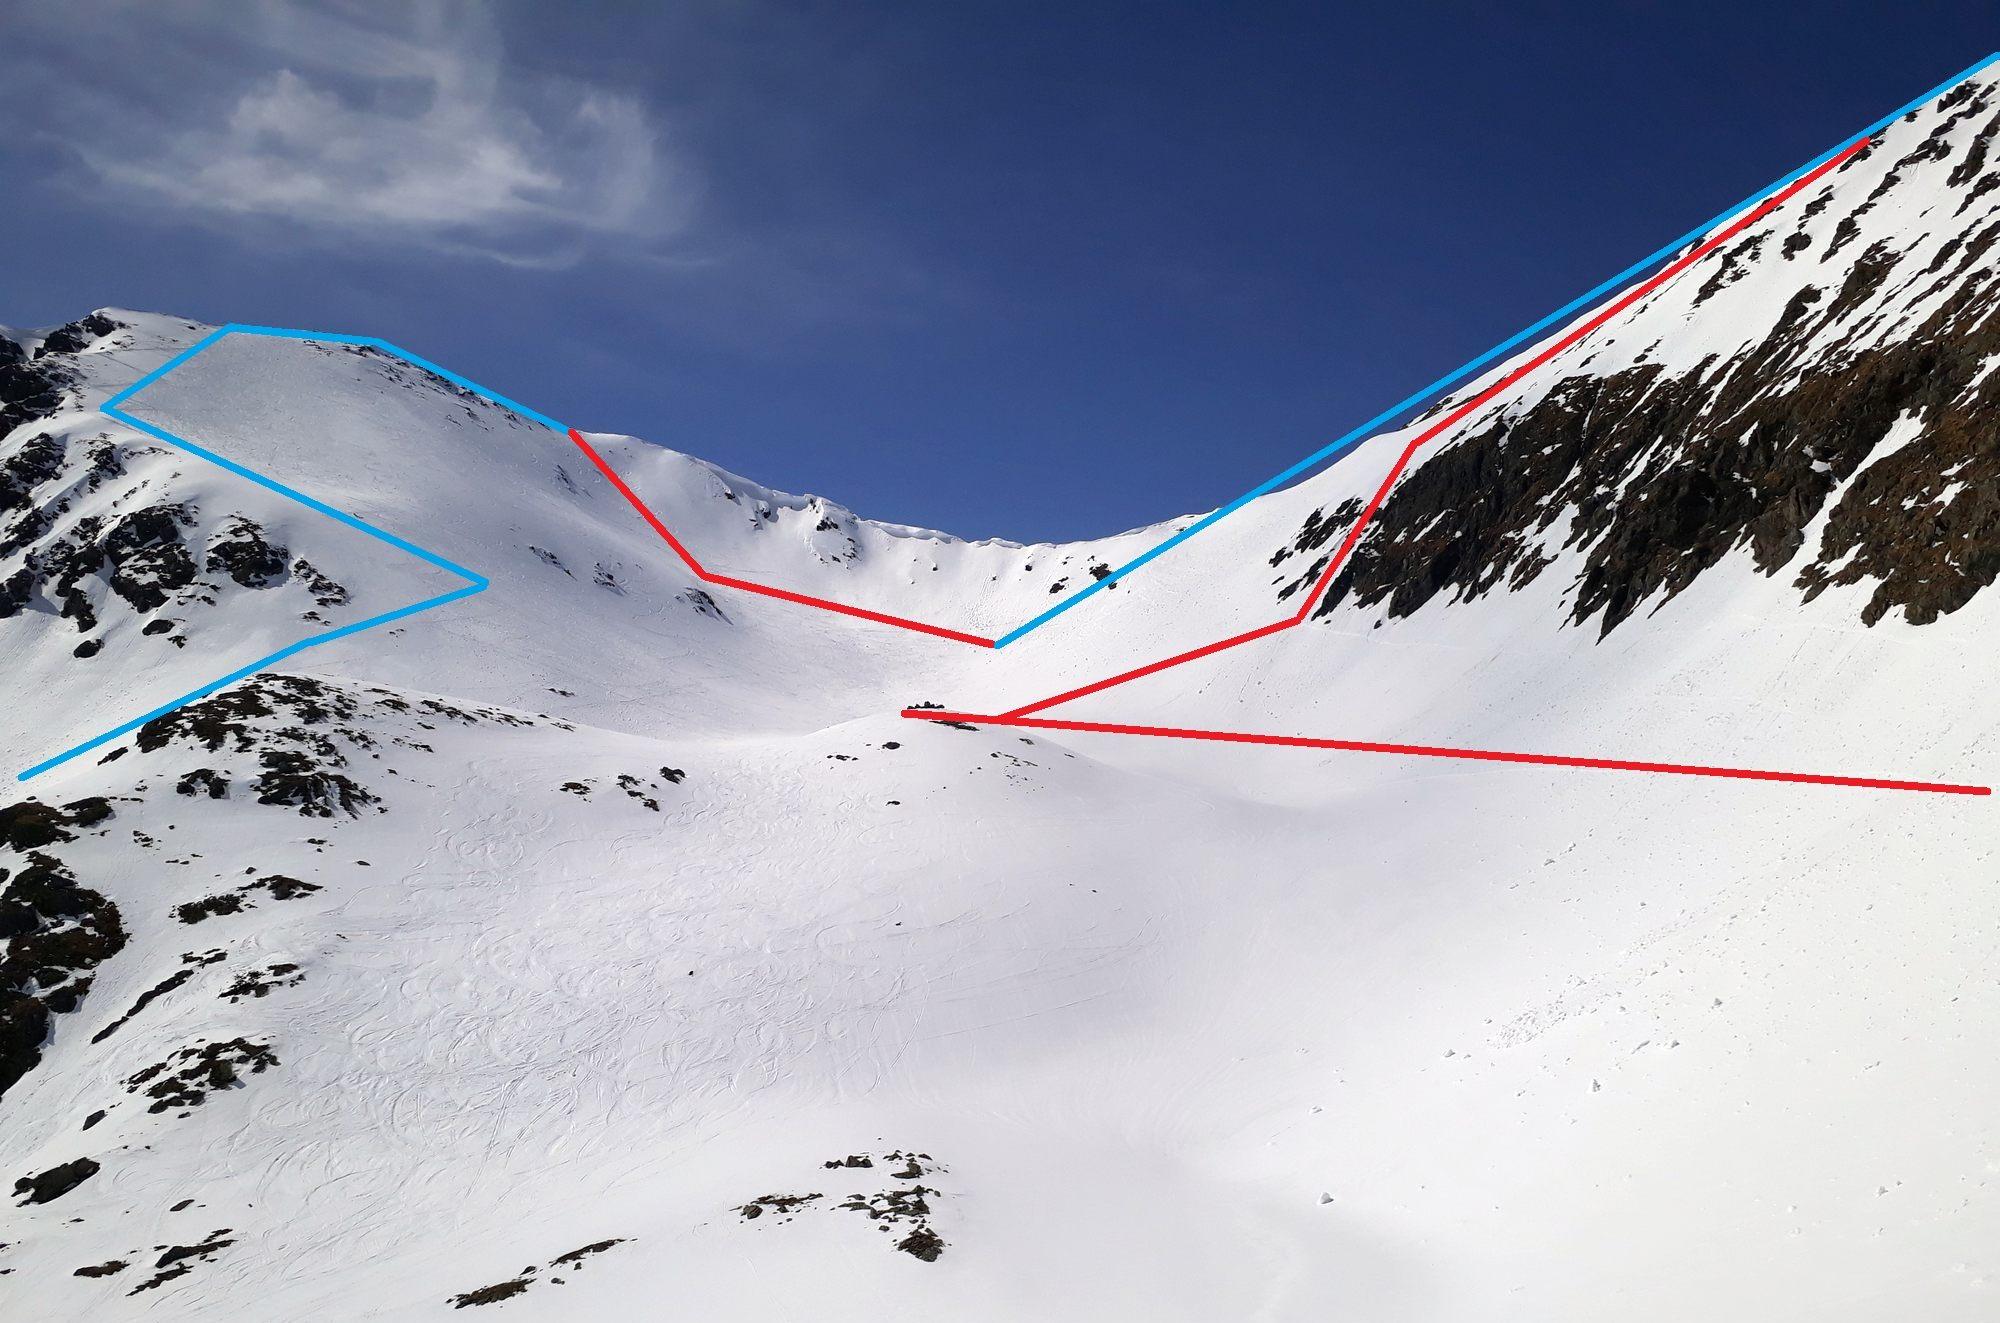 Nákres naších výstupov modrá a zjazdov červená v hornej časti